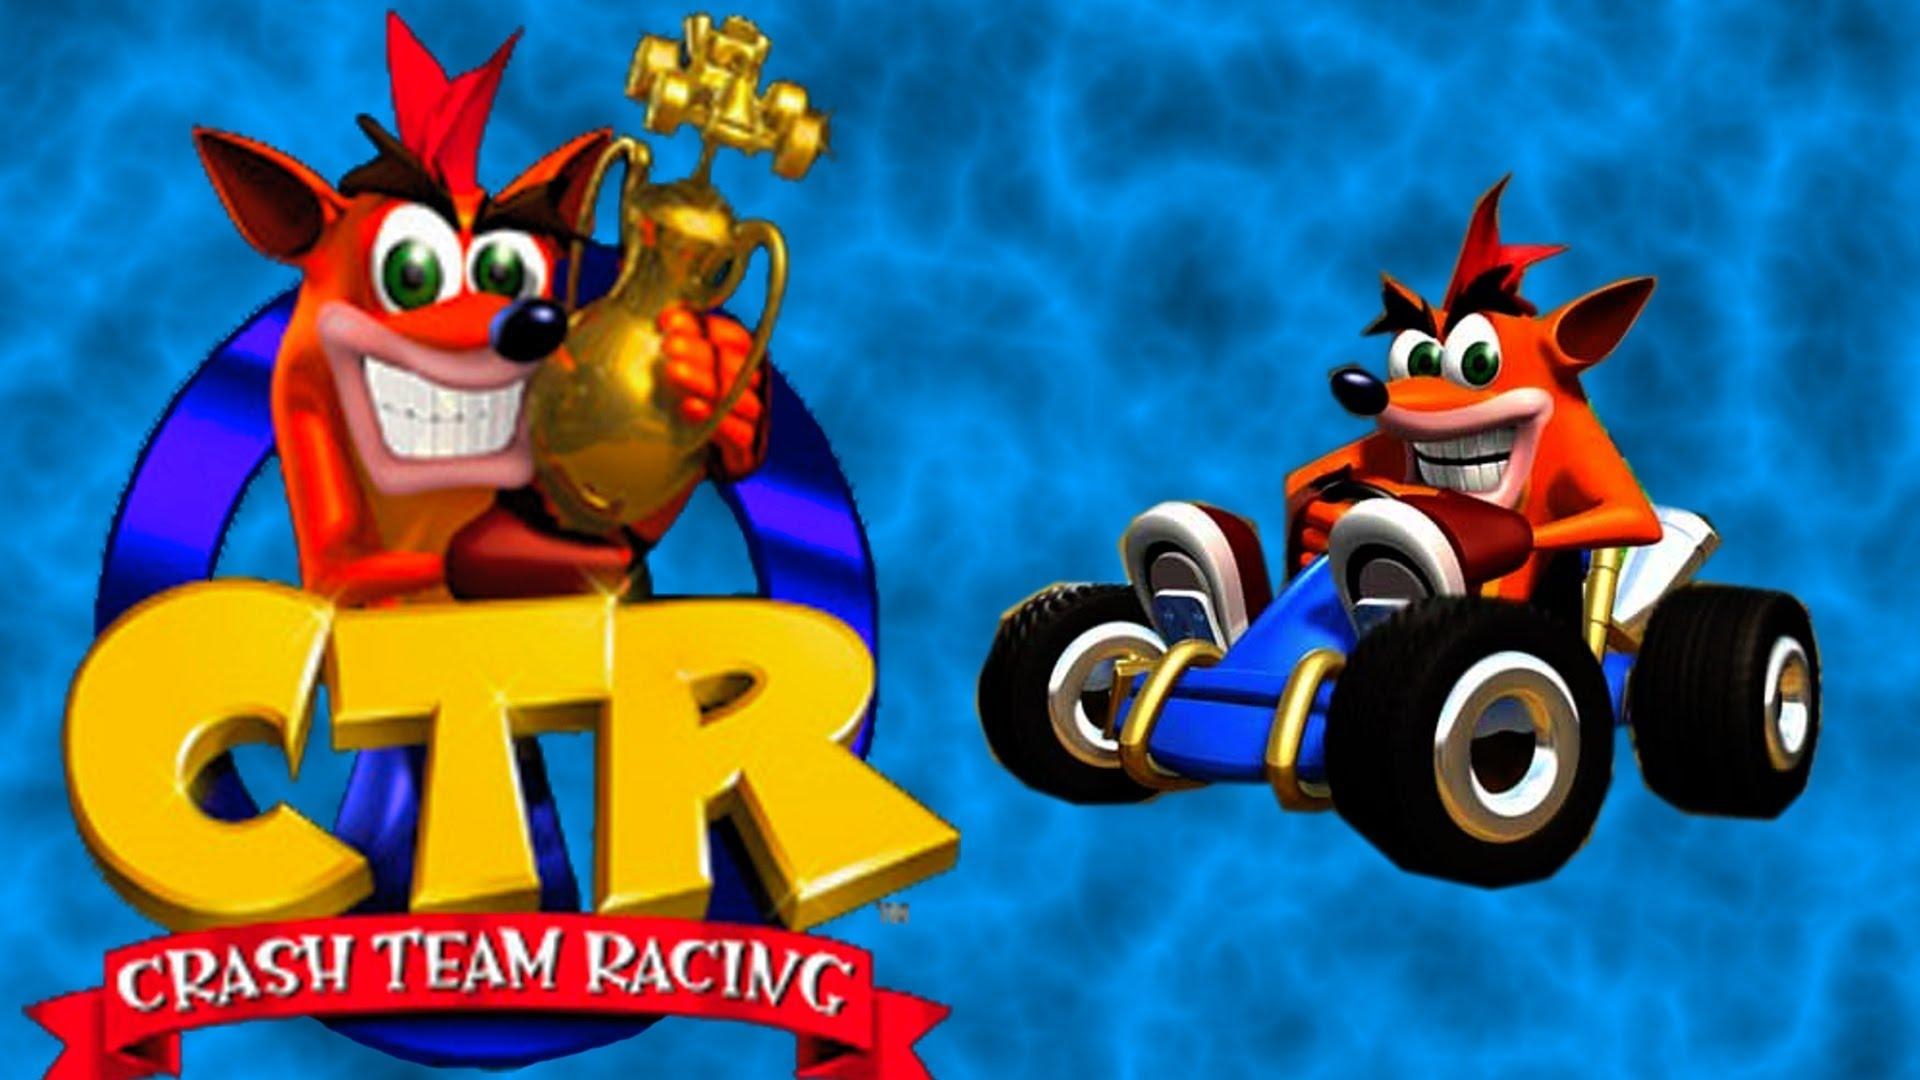 التوافق في لعبة كراش crash team racing للكمبيوتر